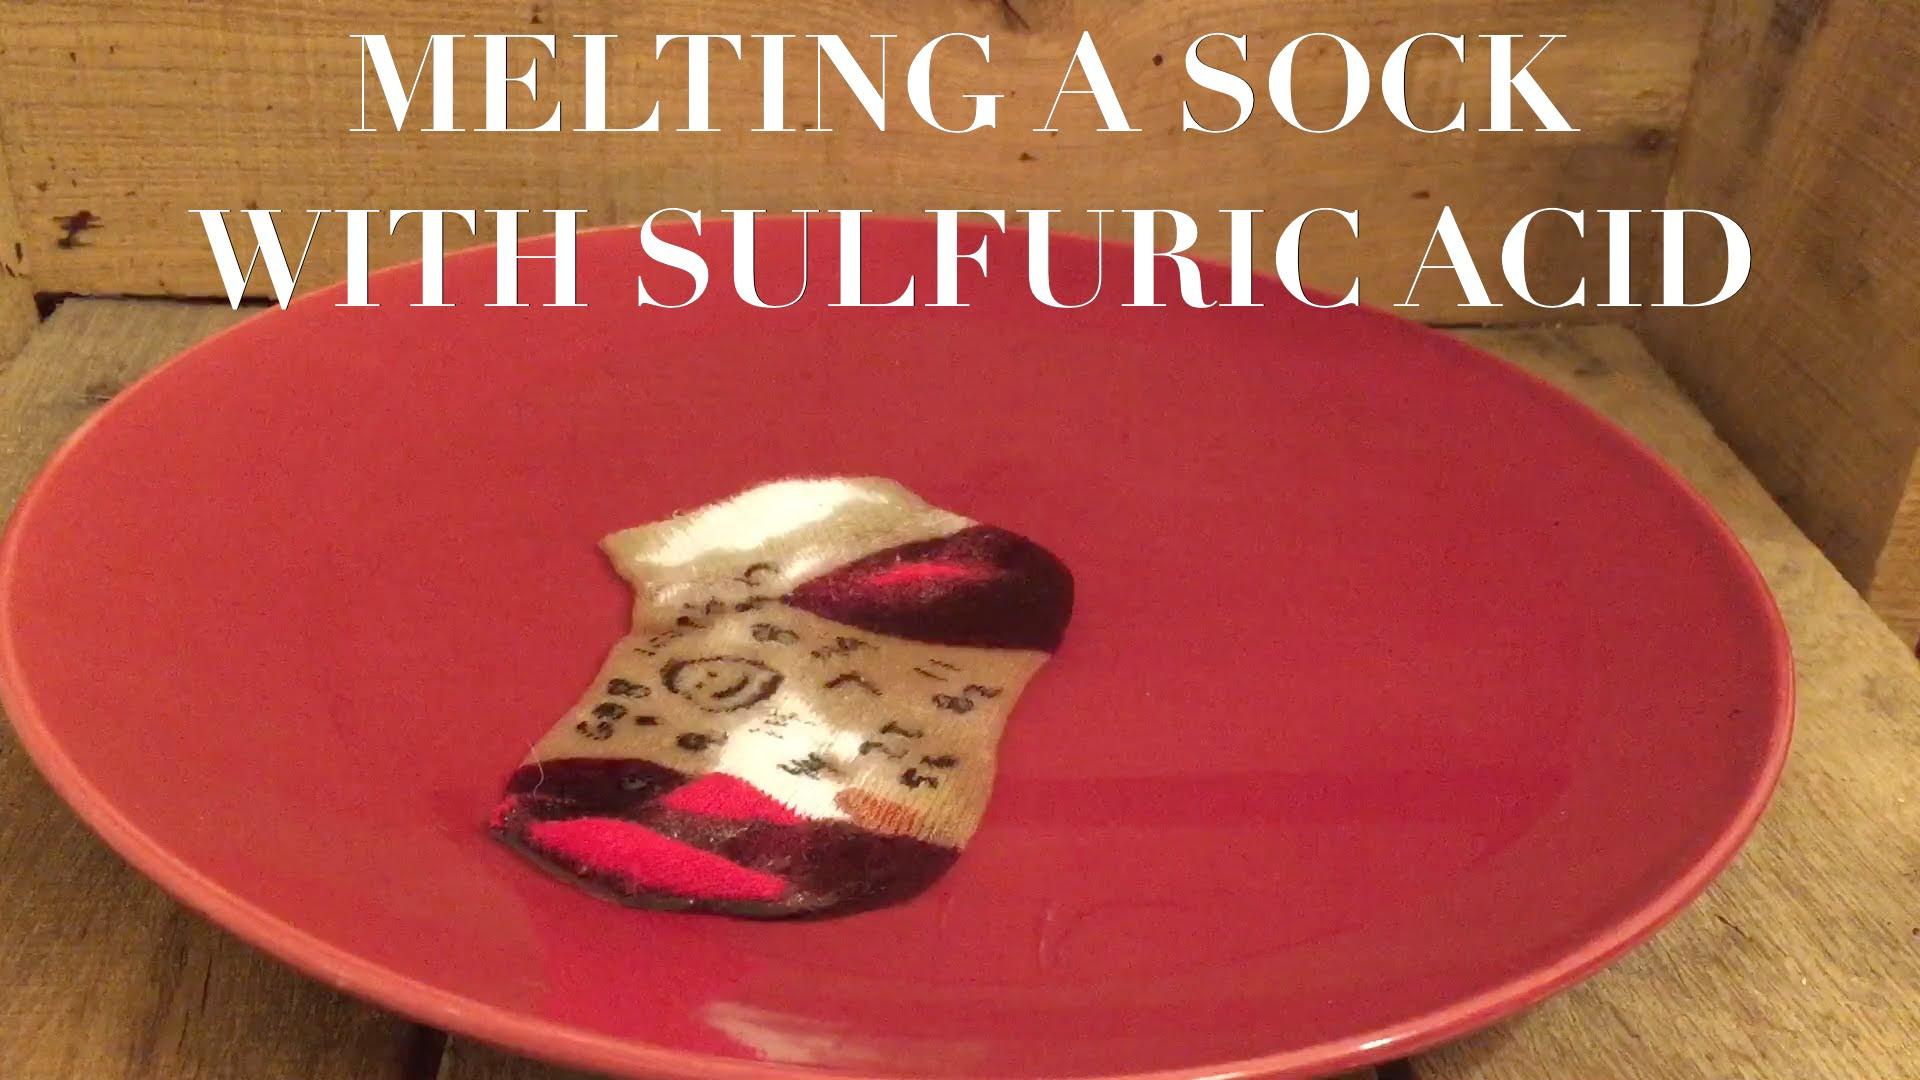 授業で見せたい動画48「靴下を硫酸に浸すと・・・」